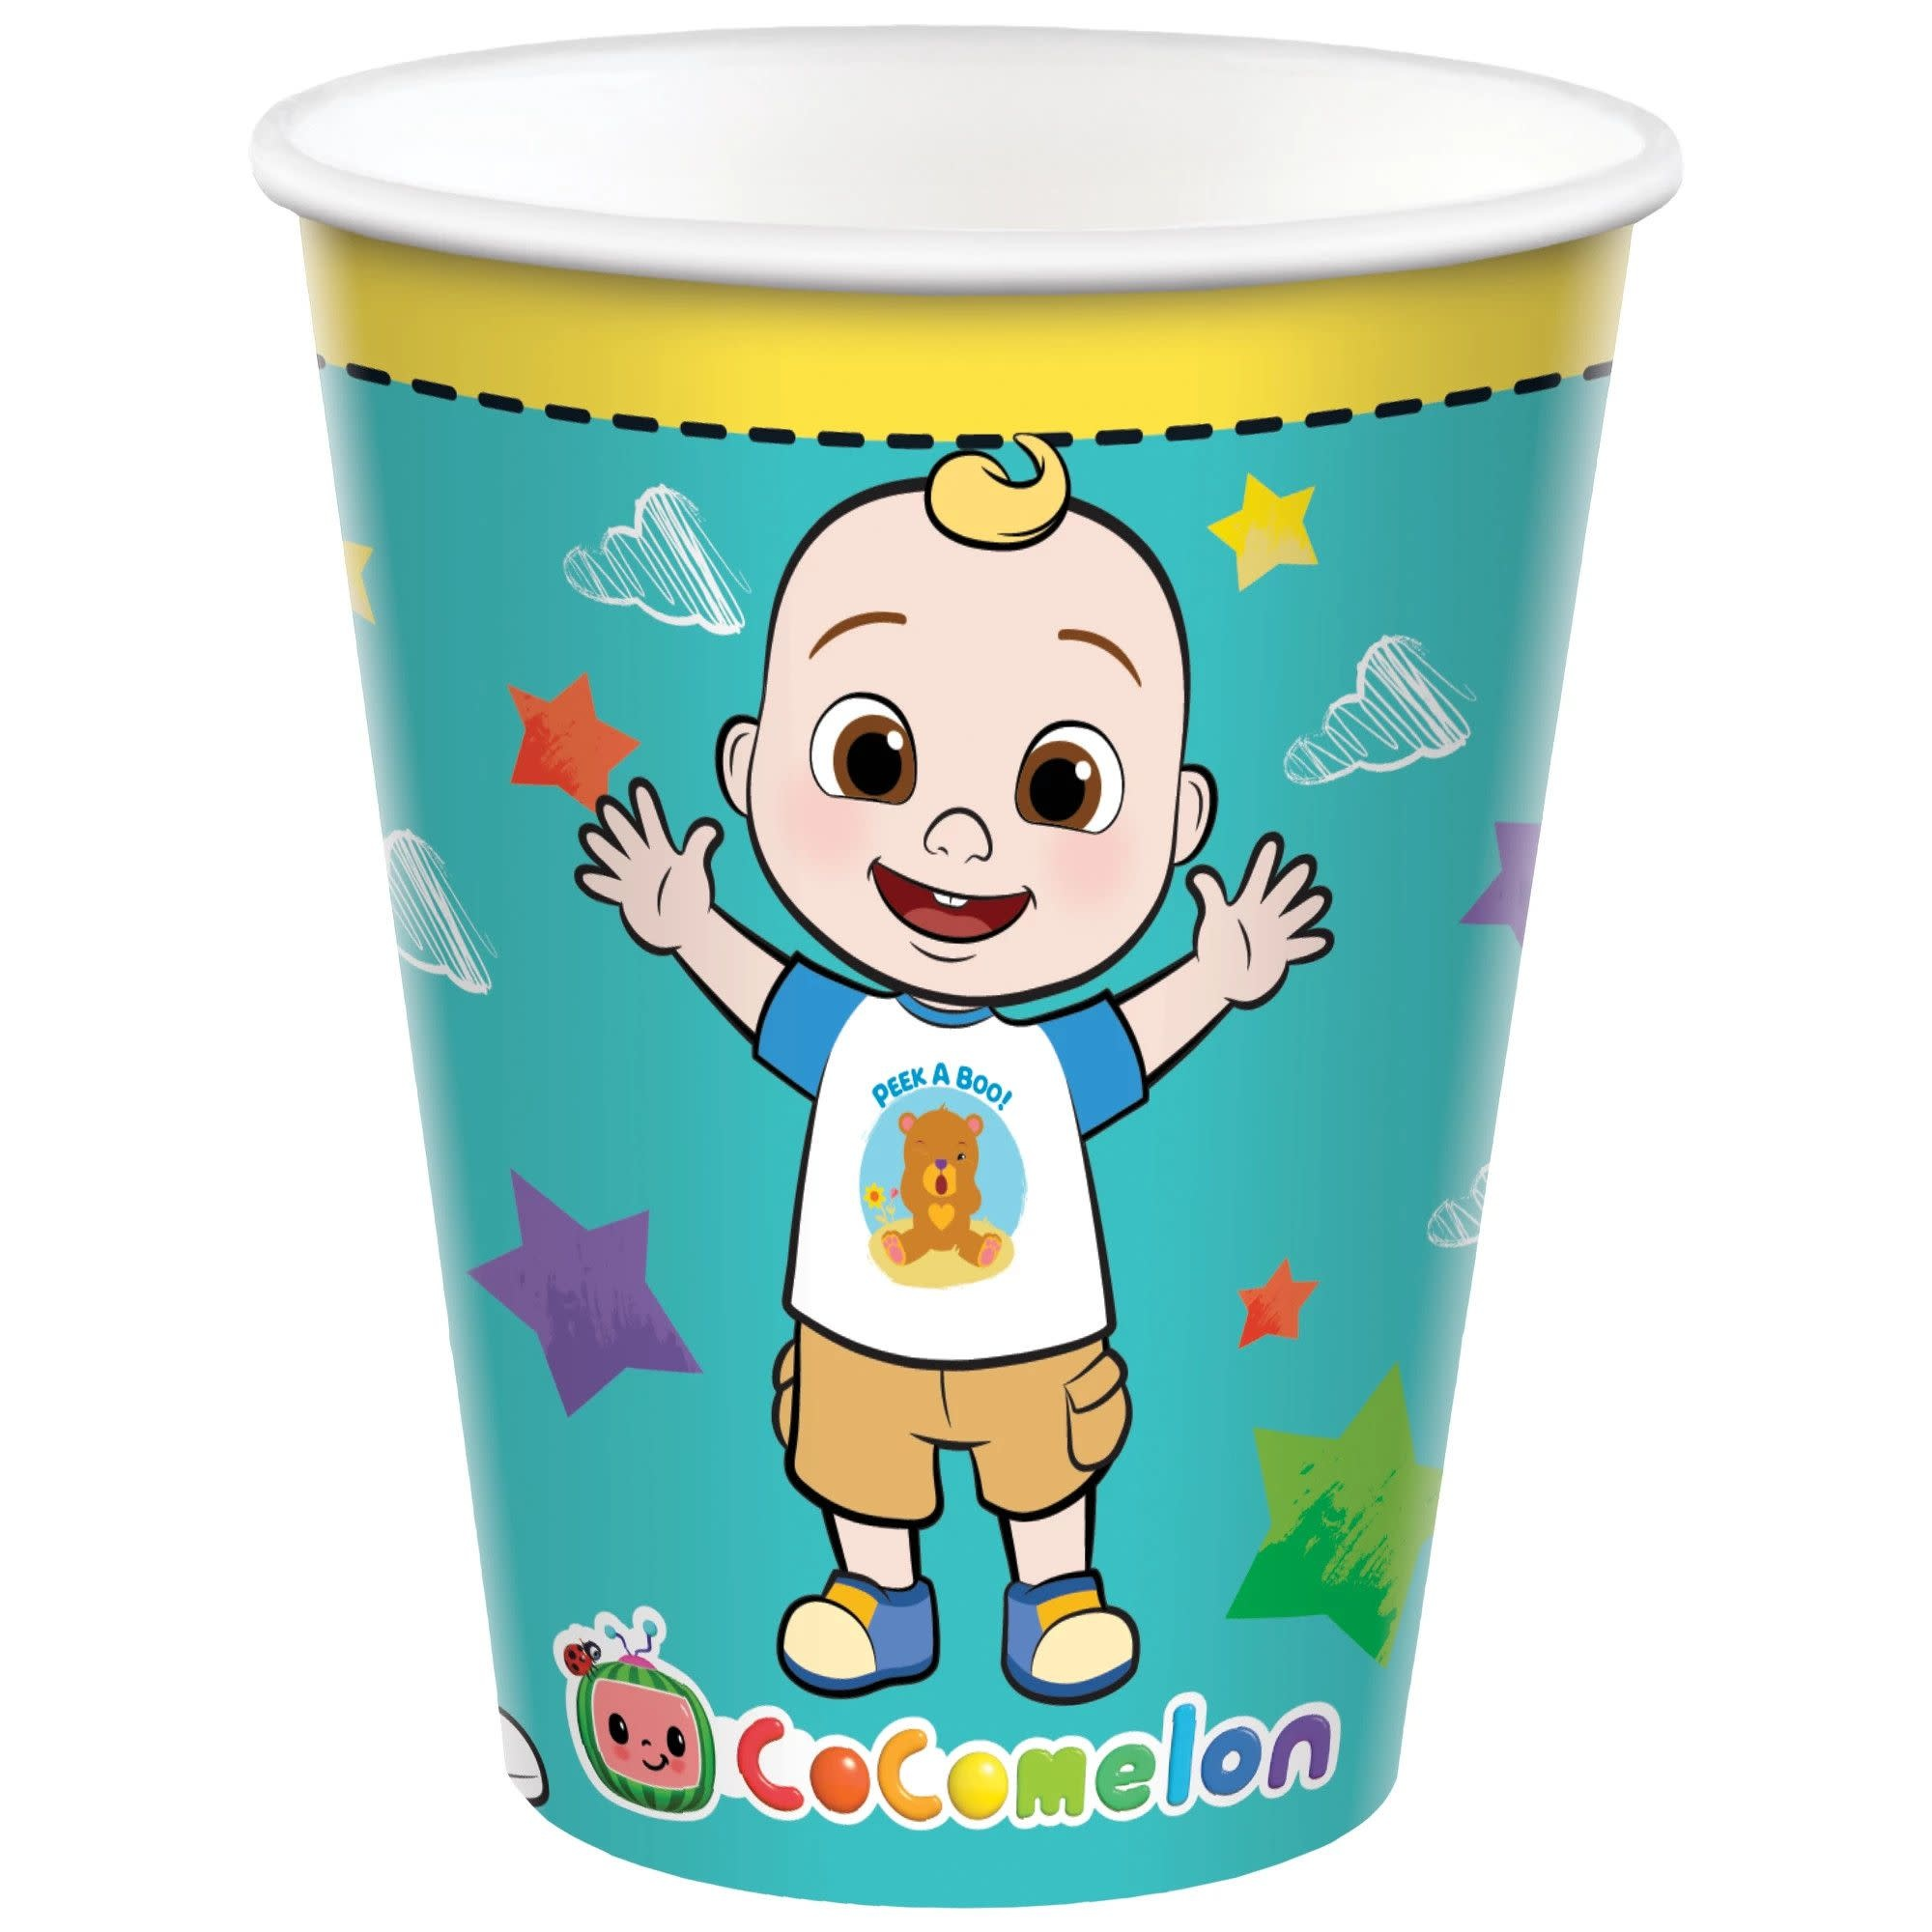 Cocomelon Cups, 9 Oz.